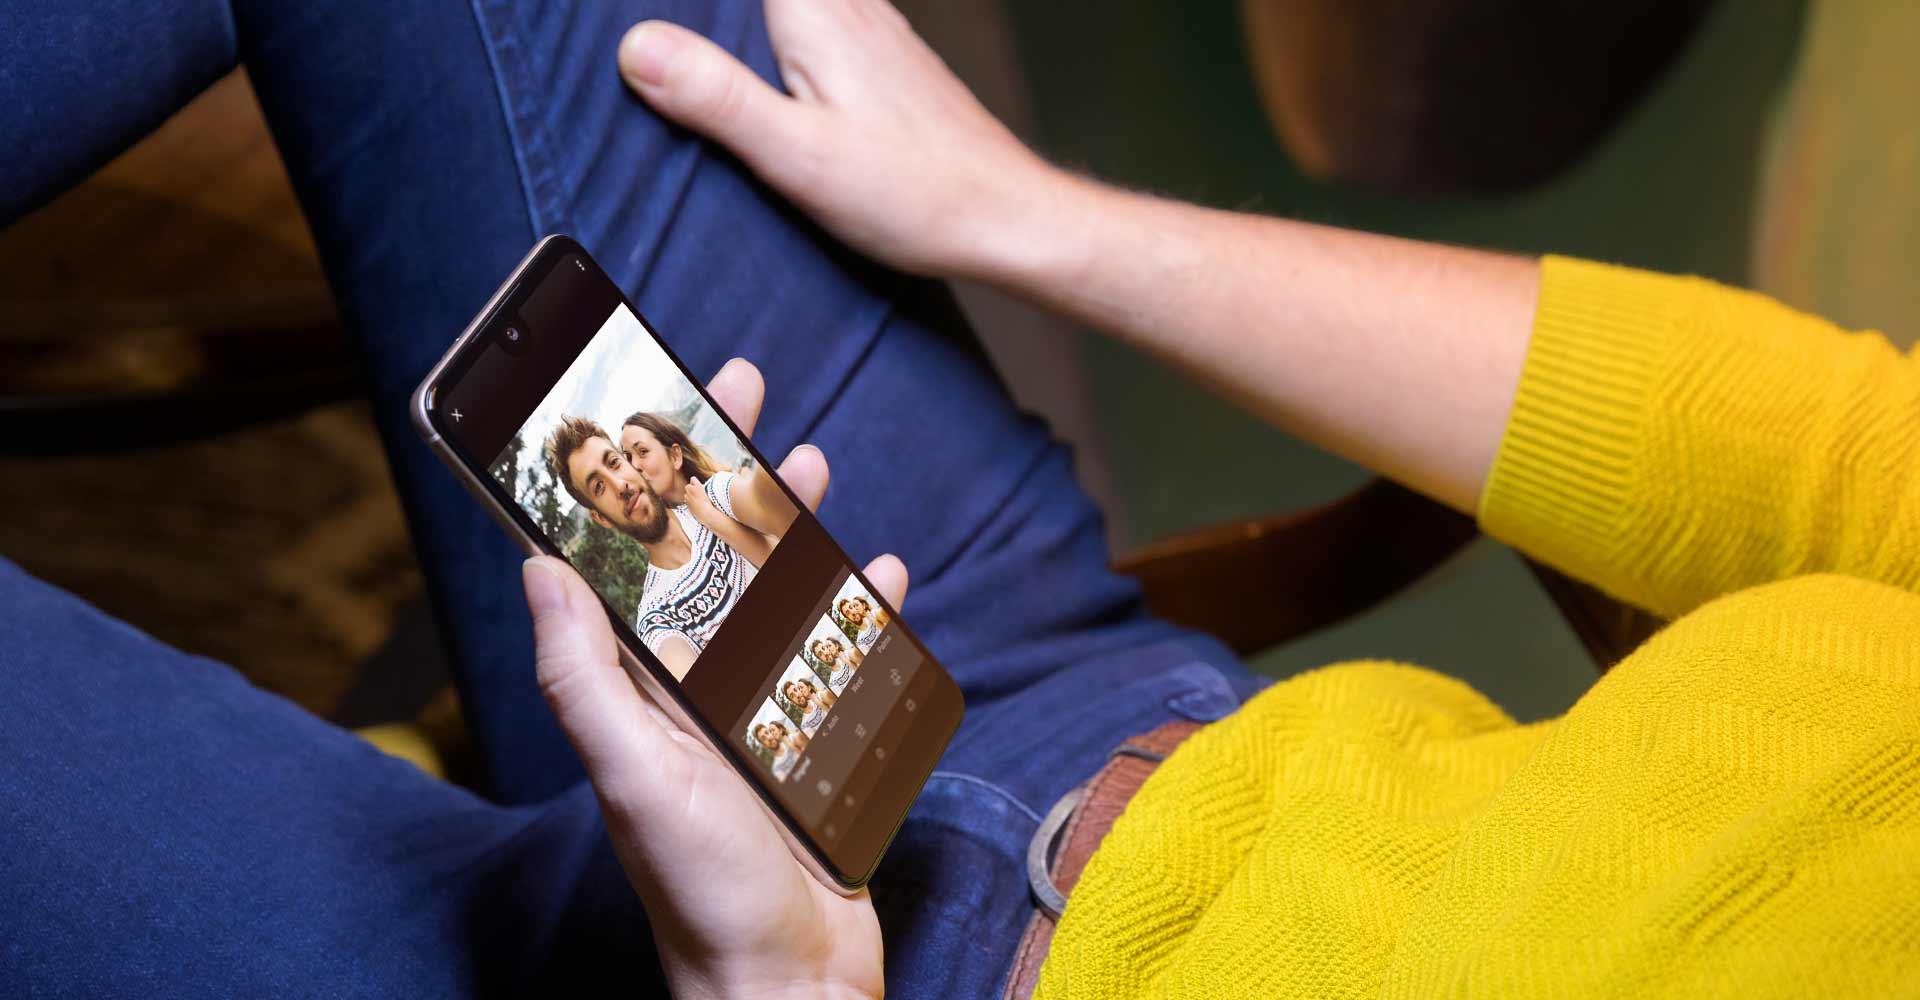 Wiko View2 - Wiko Mobile Algérie - Live portrait blur